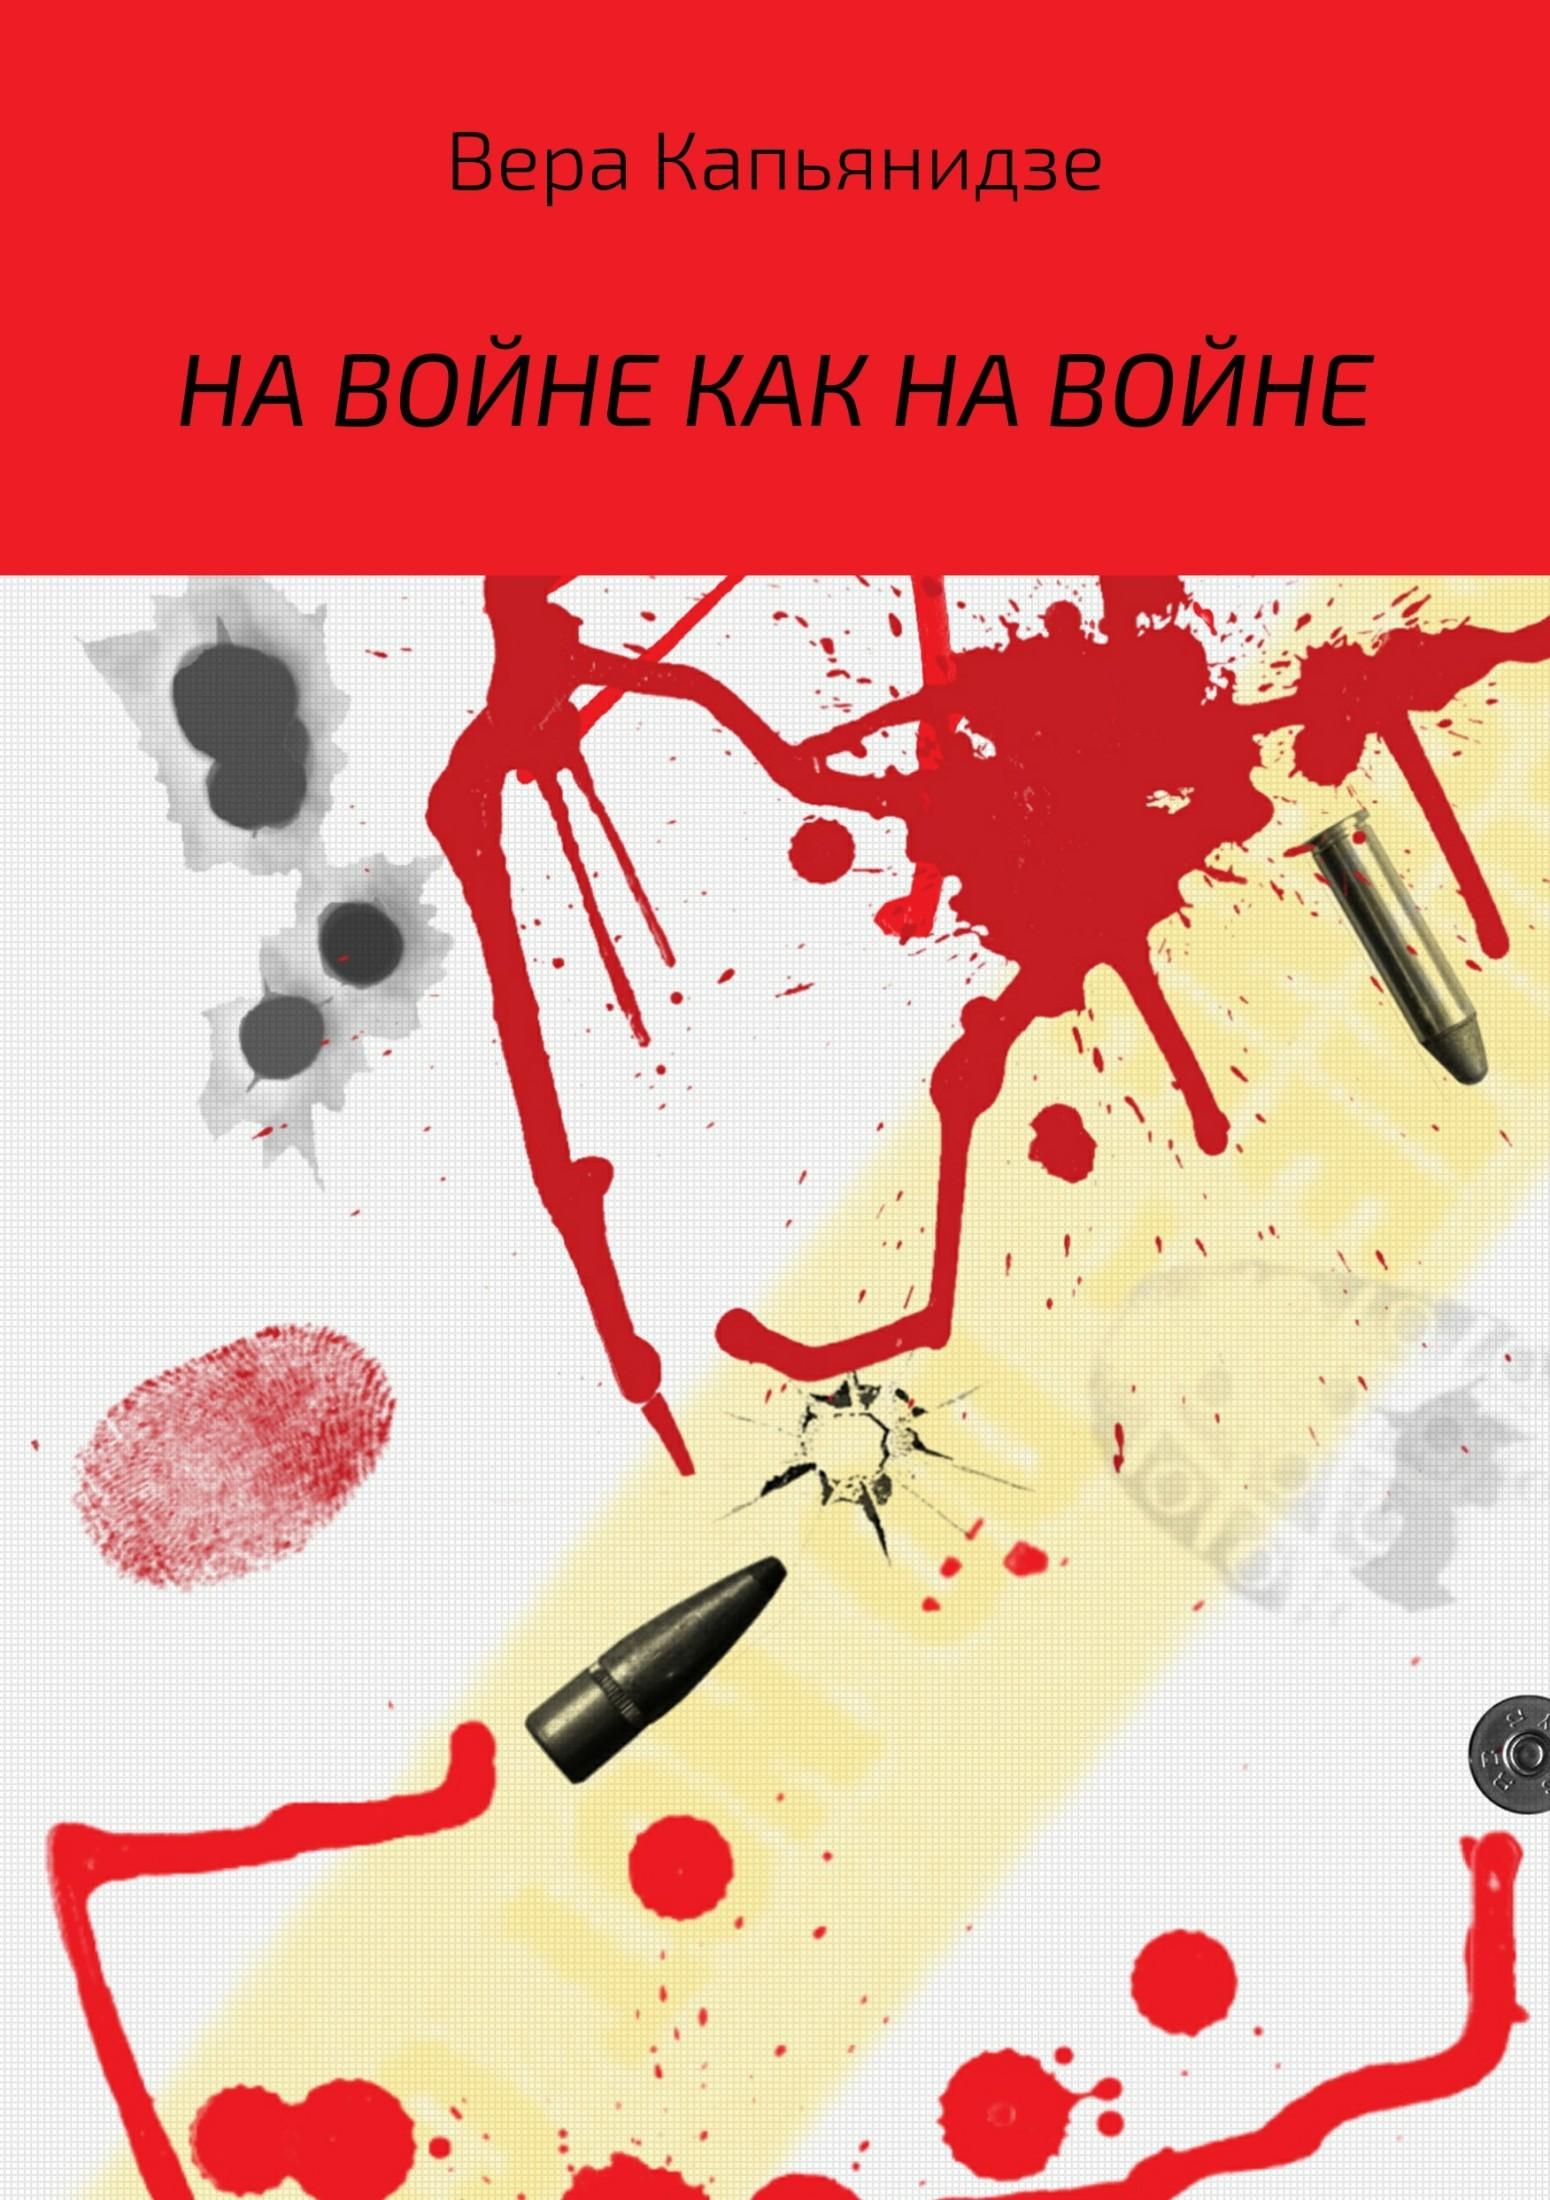 Вера Капьянидзе. На войне как на войне